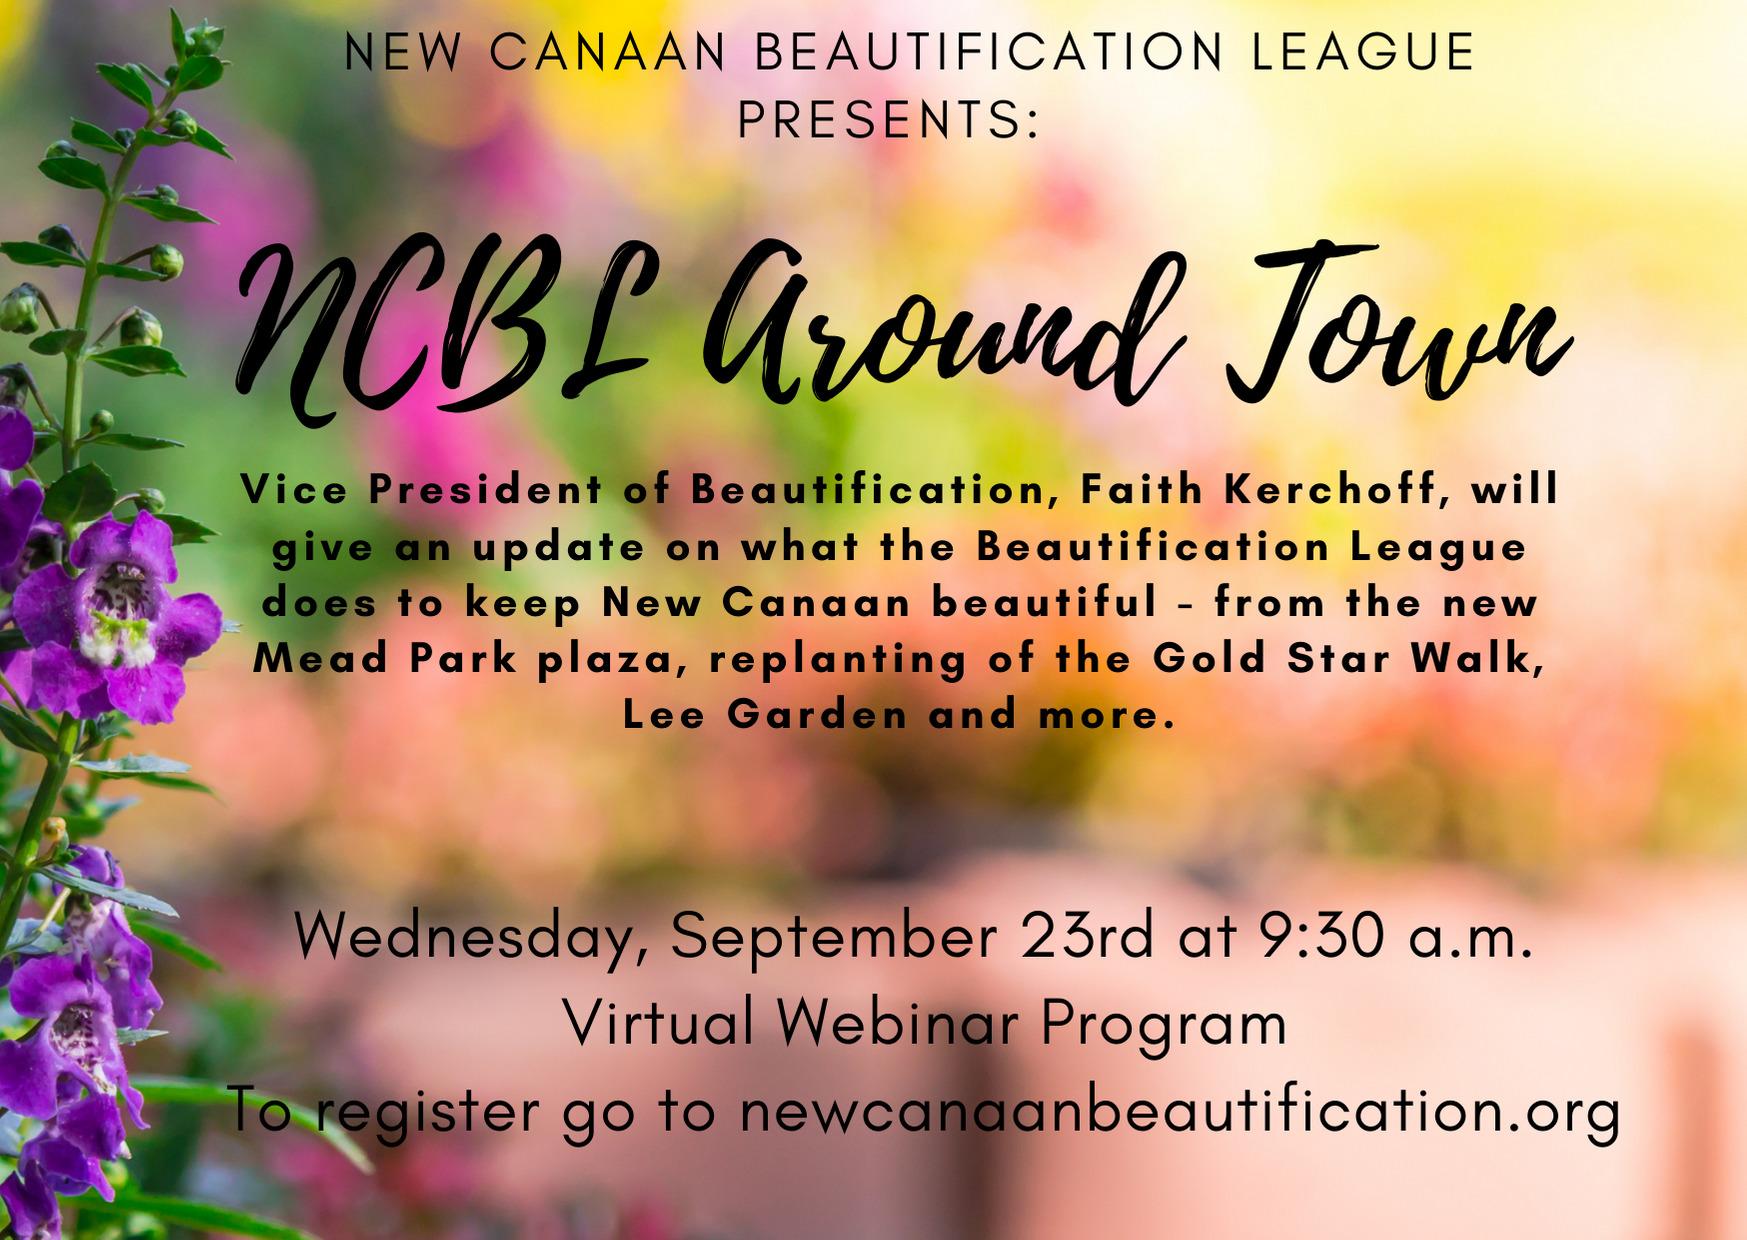 ncblaroundtown.png RTOlRf.tmp